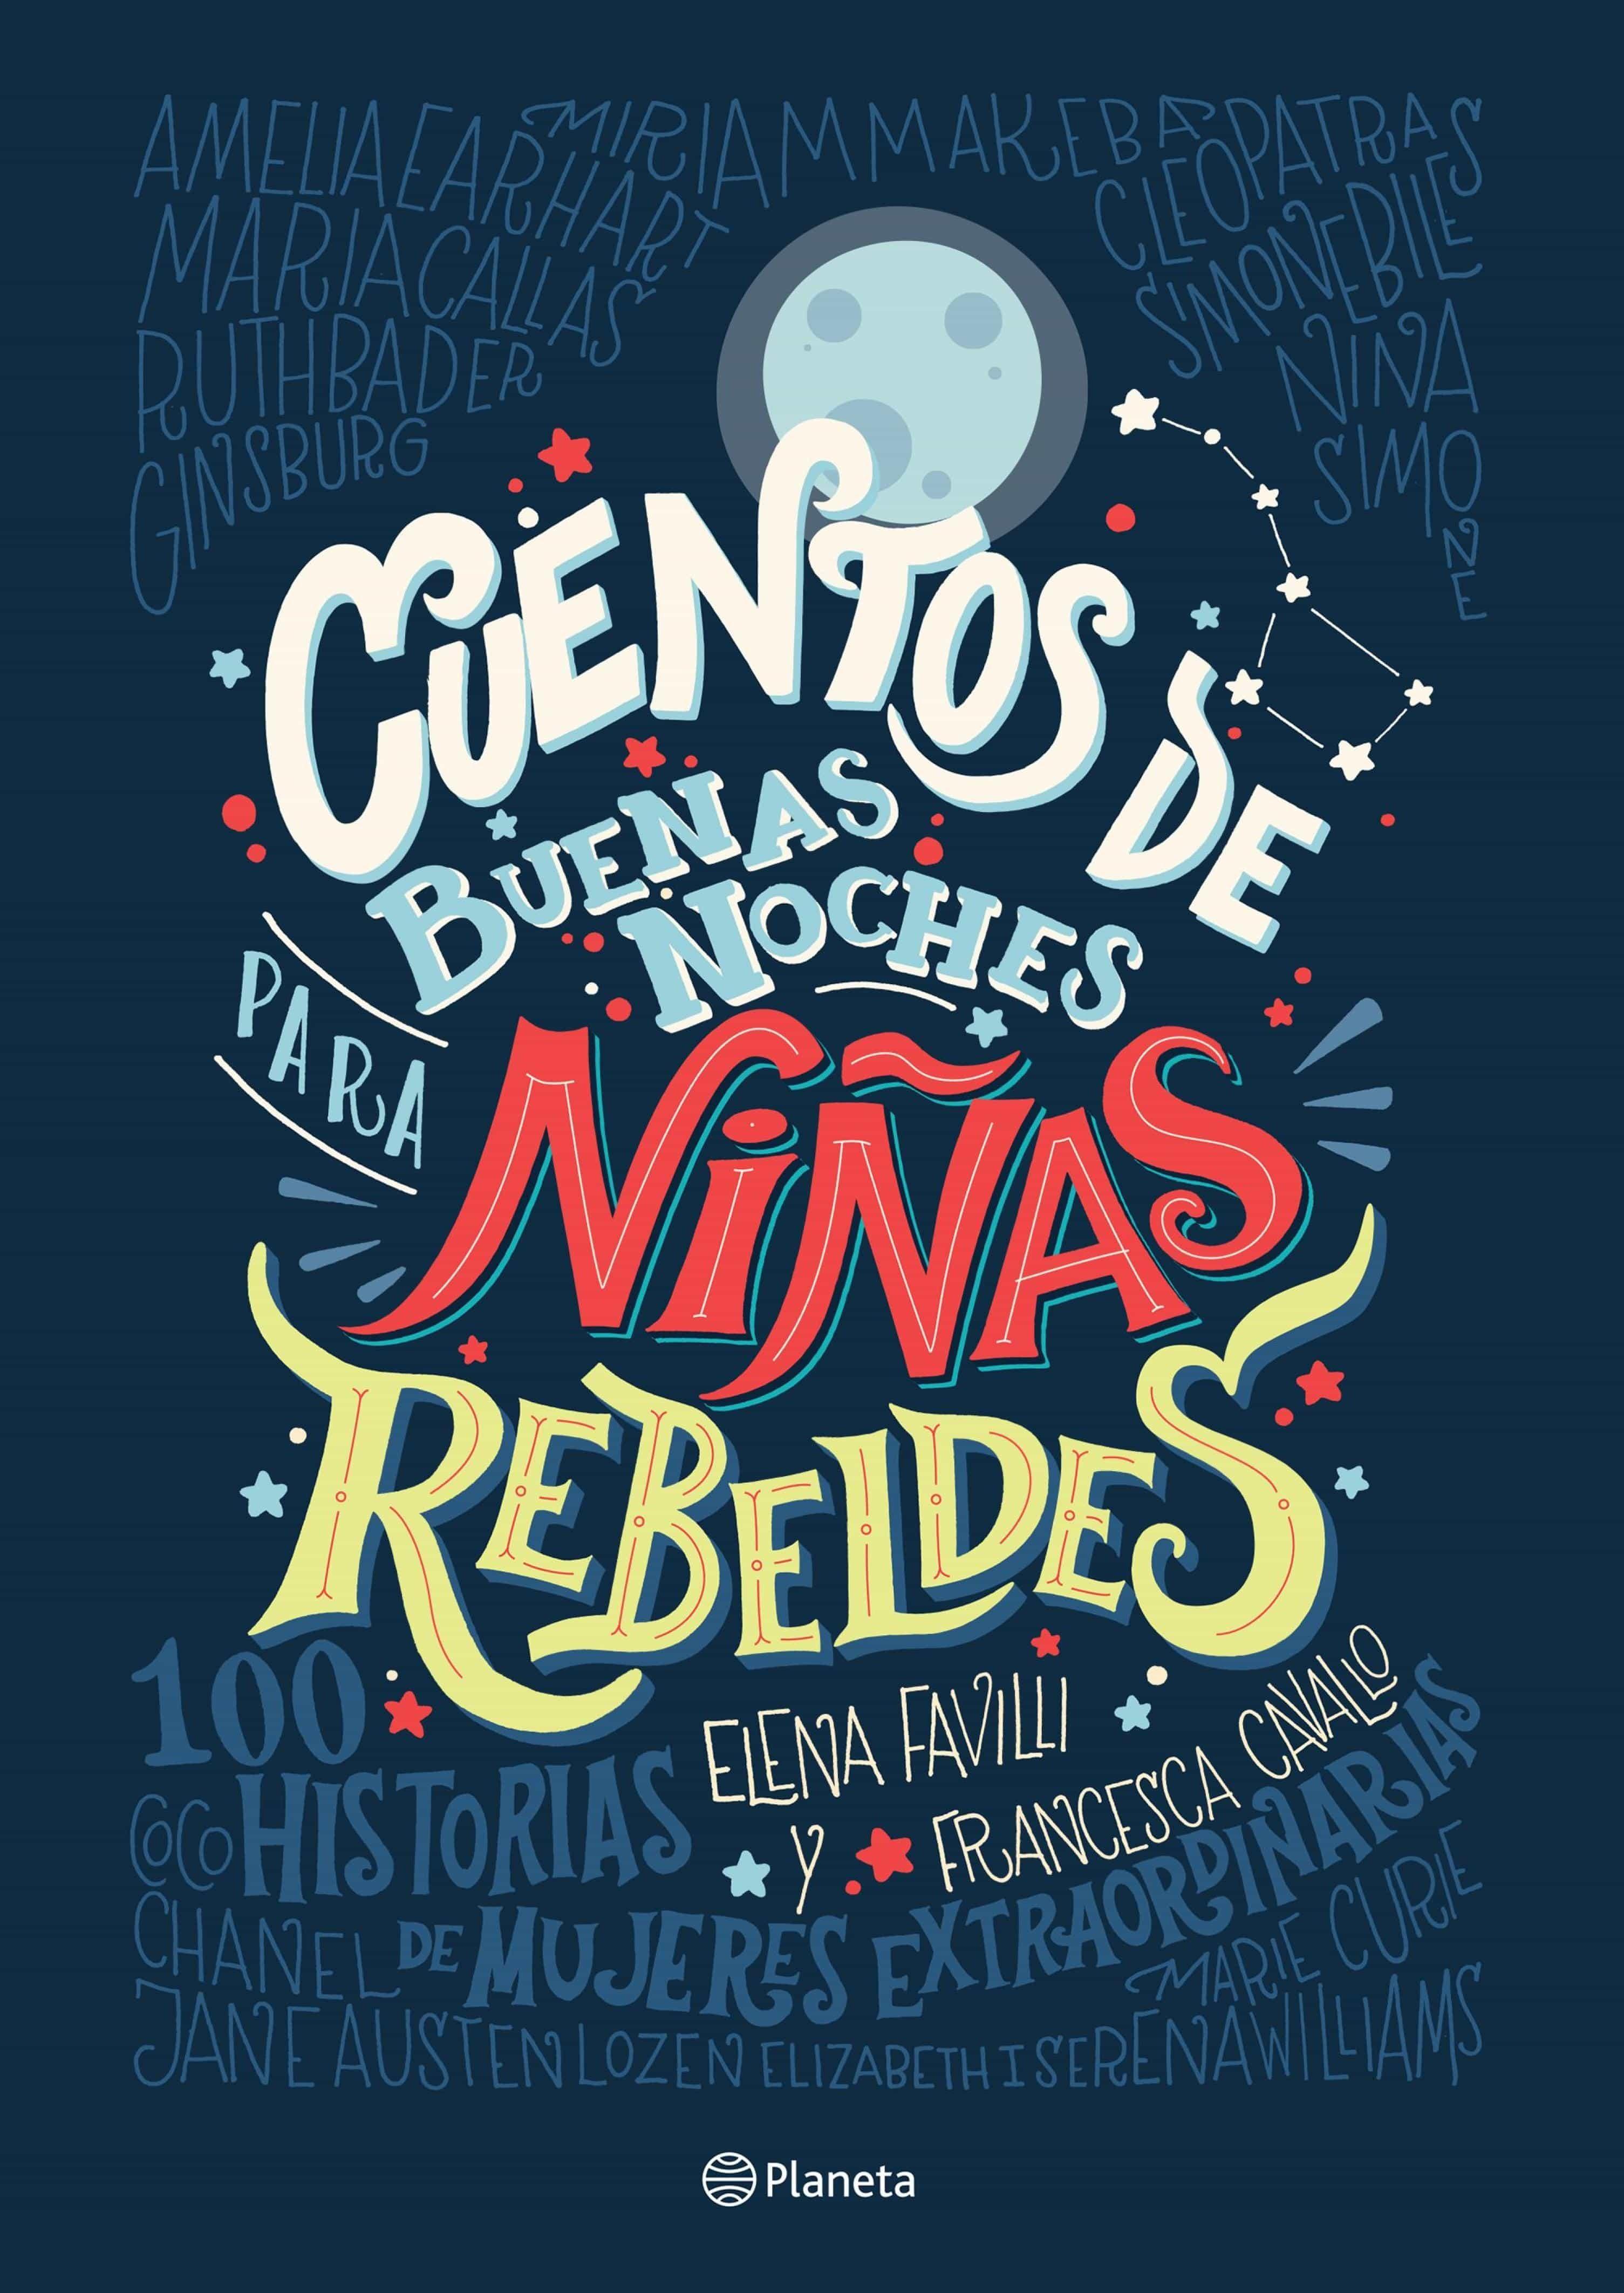 cuentos de buenas noches para nias rebeldes ebookelena cavallo